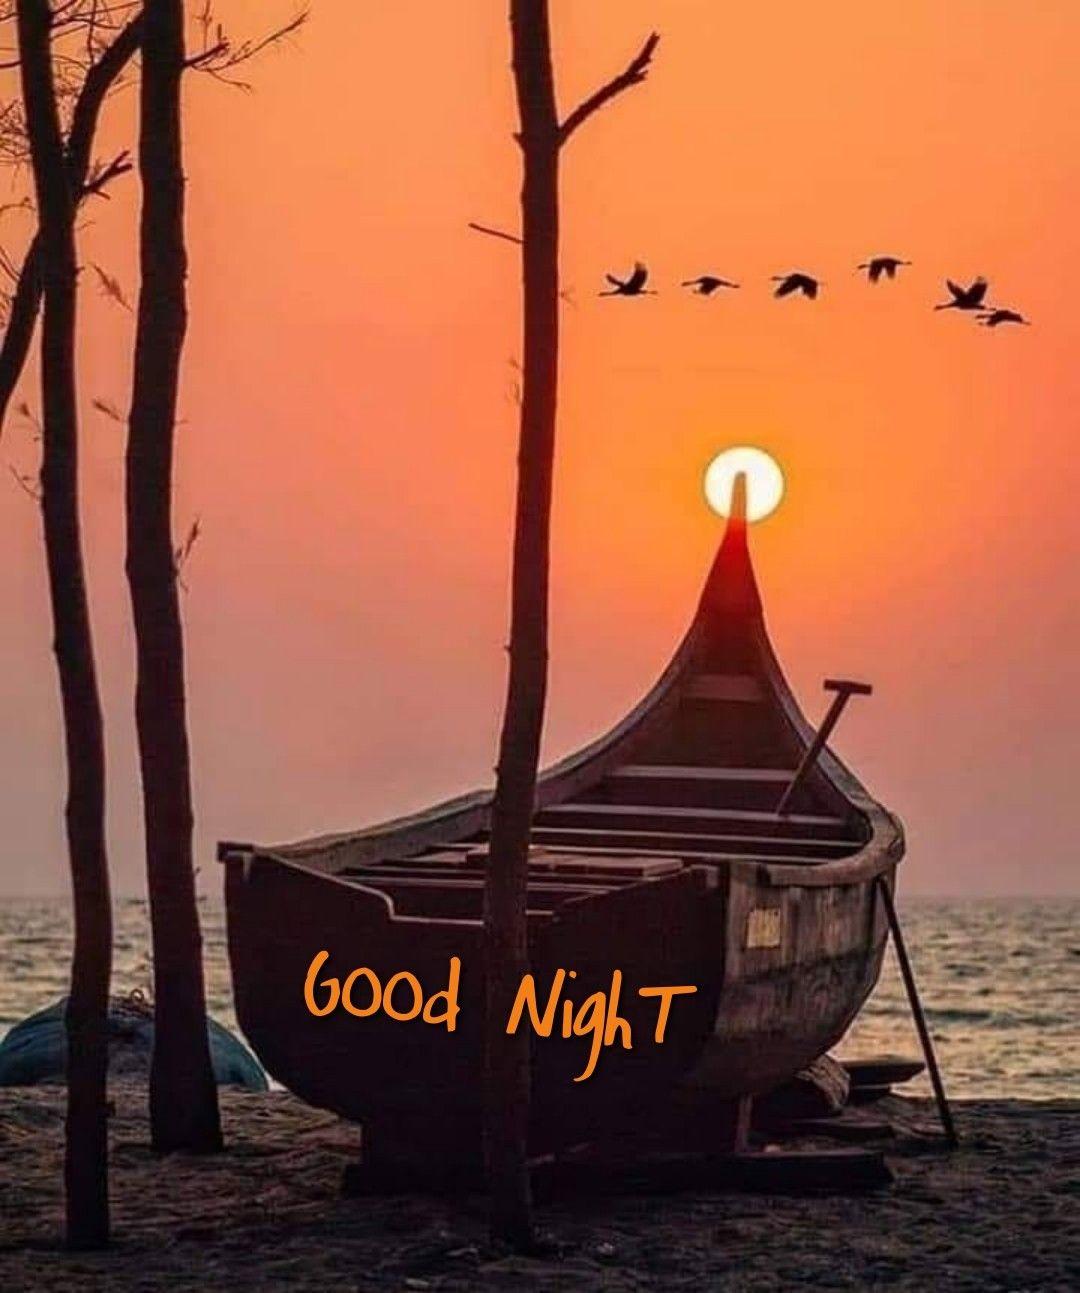 Pin Von Mary Weber Auf Good Night Gute Nacht Mond Gute